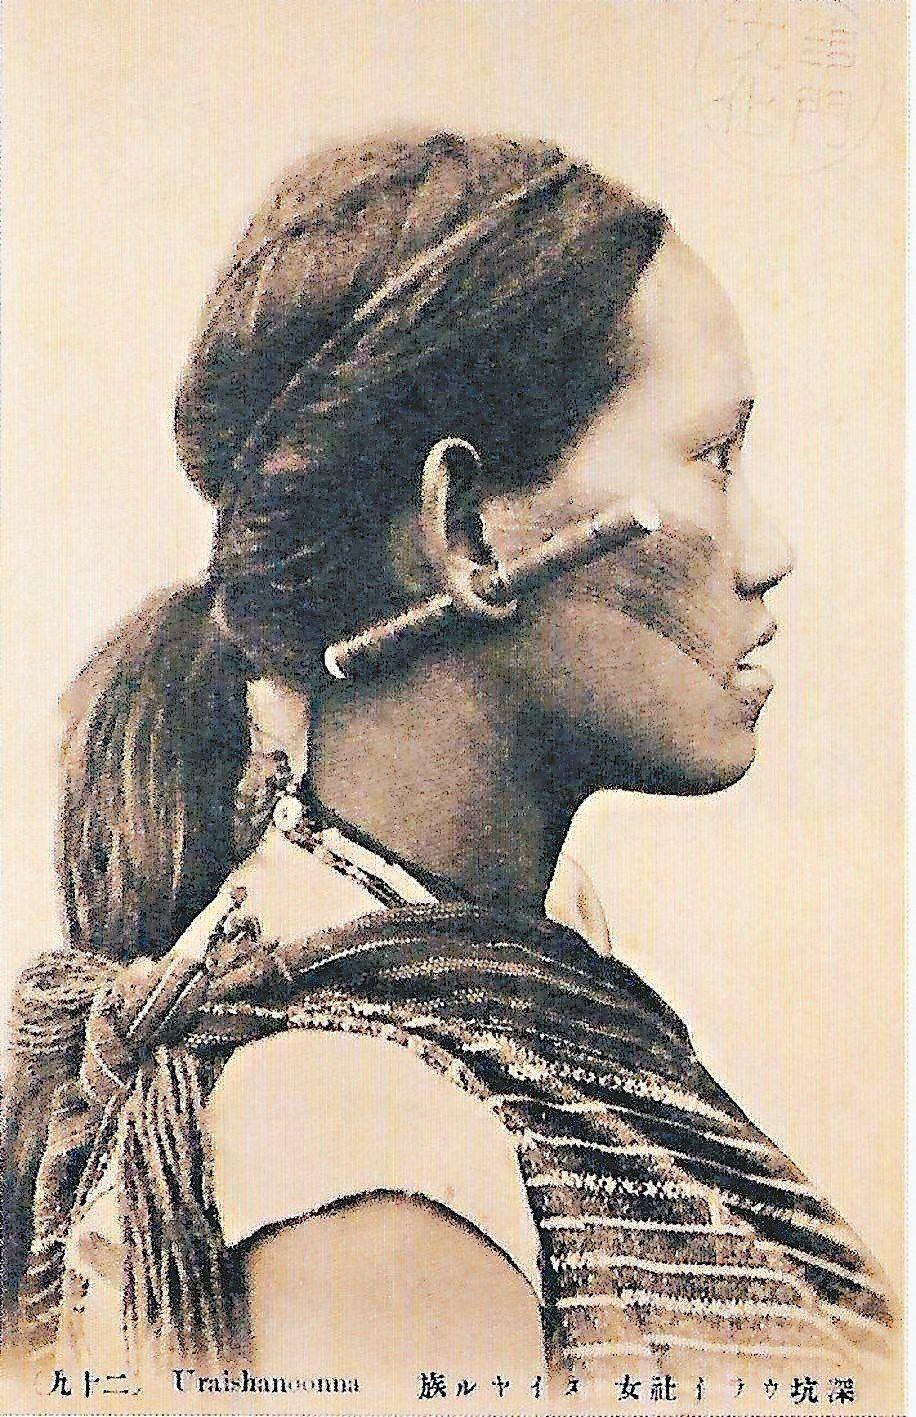 圖片出自《台灣老明信片》原住民篇,高雄,2003。